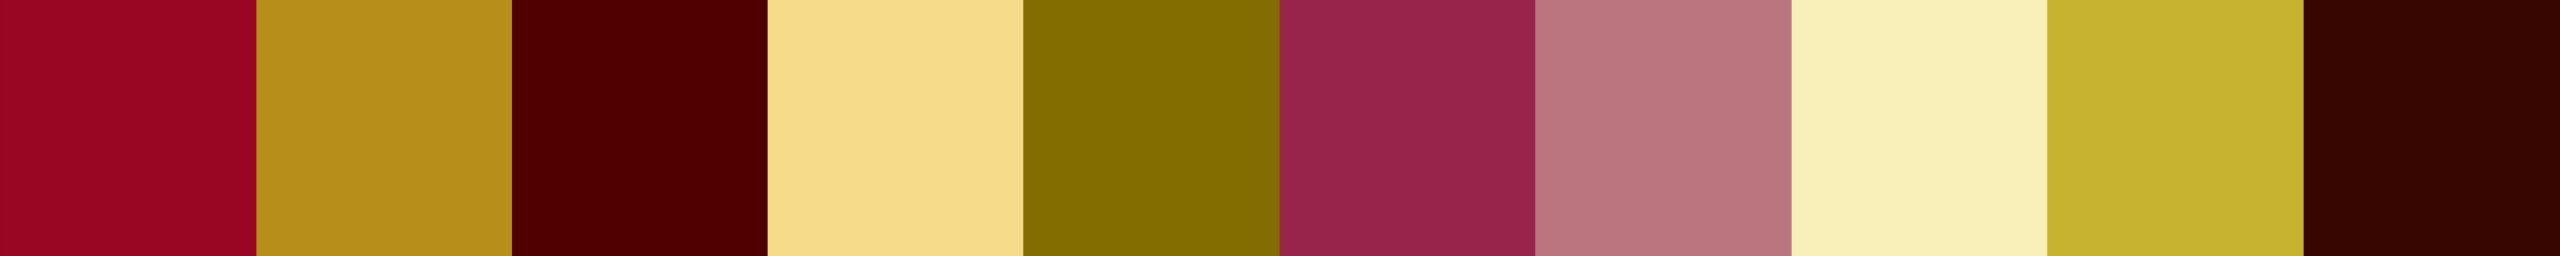 13 Himinia Color Palette